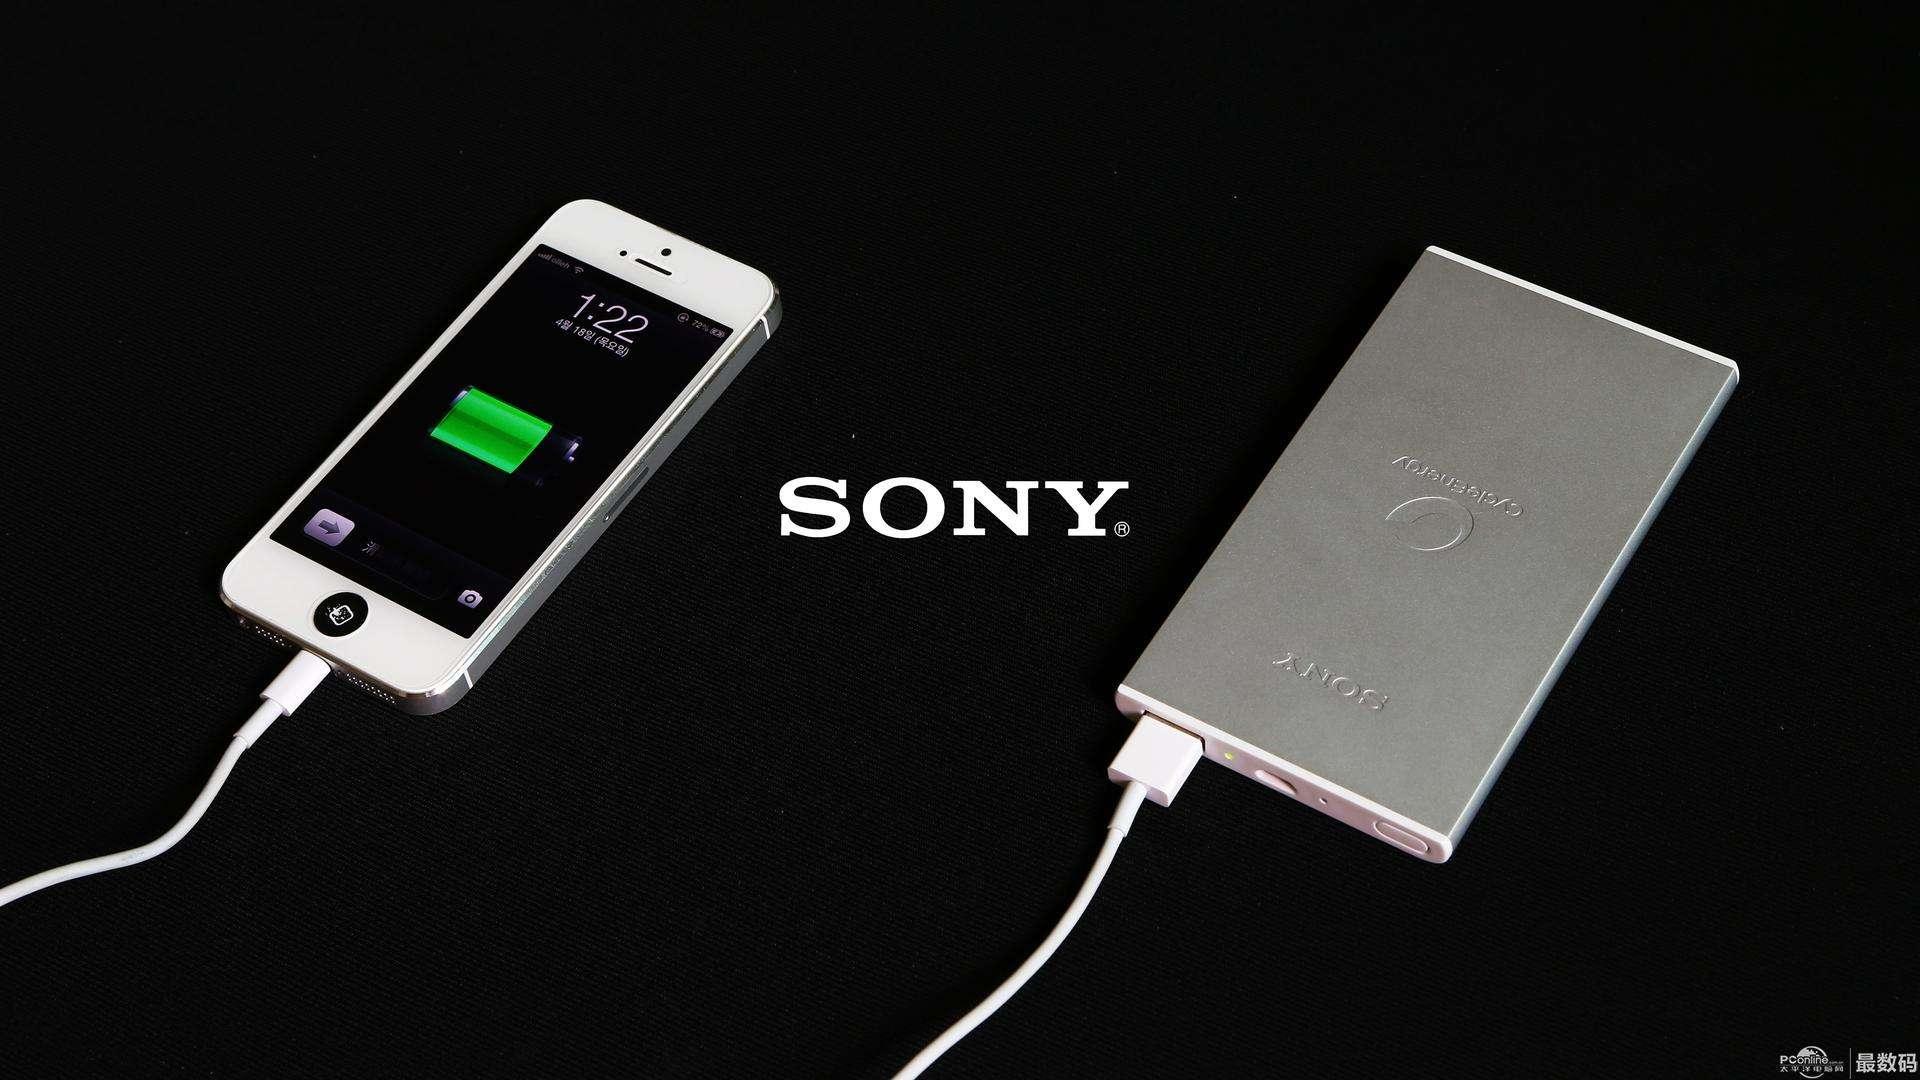 索尼(中国)有限公司召顿时大惊回部分移动电源